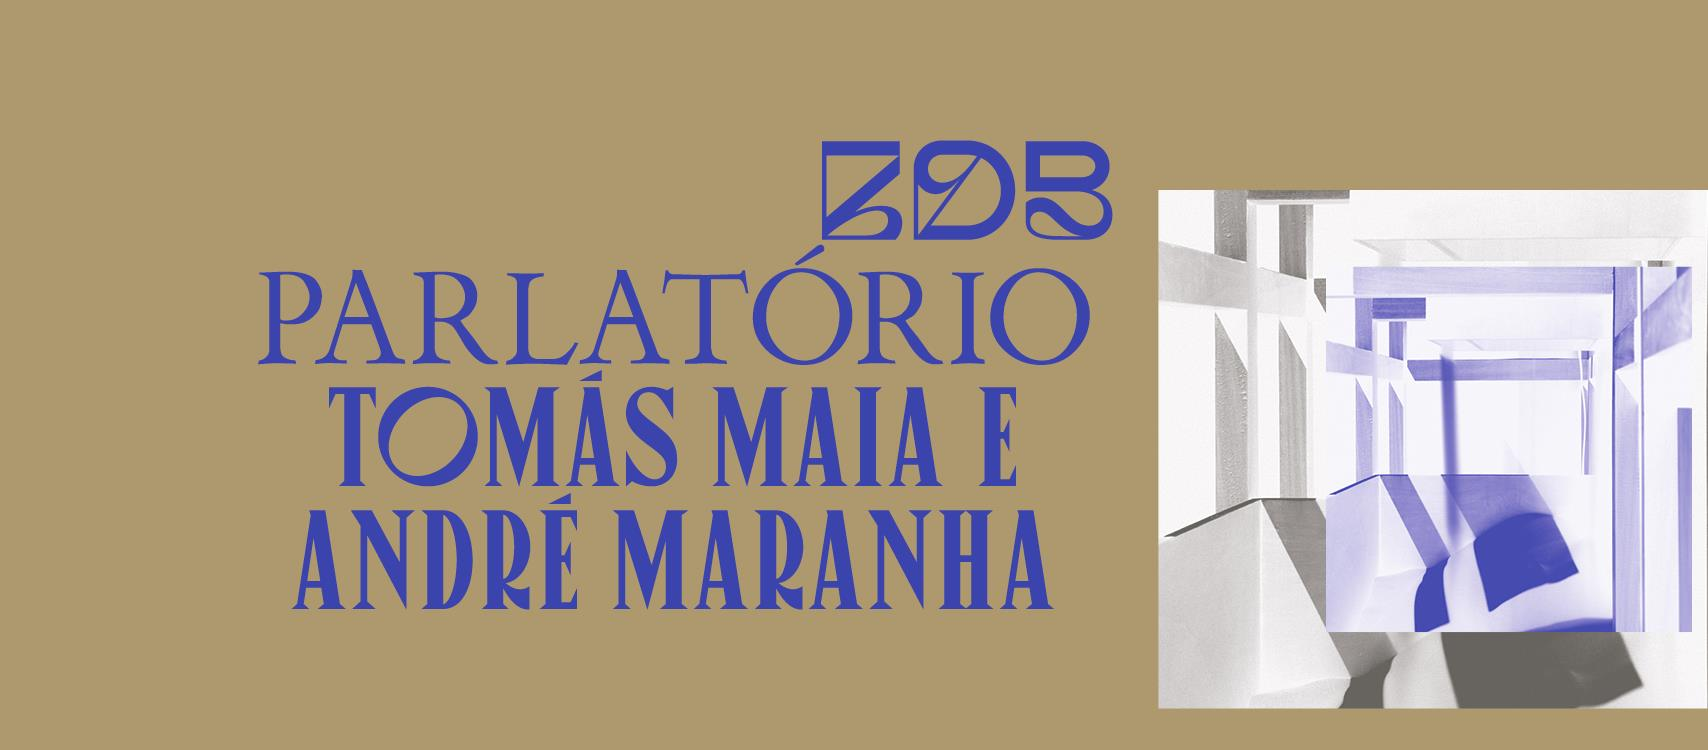 Parlatório ⟡ Exposição de Tomás Maia e André Maranha ⟡ ZDB